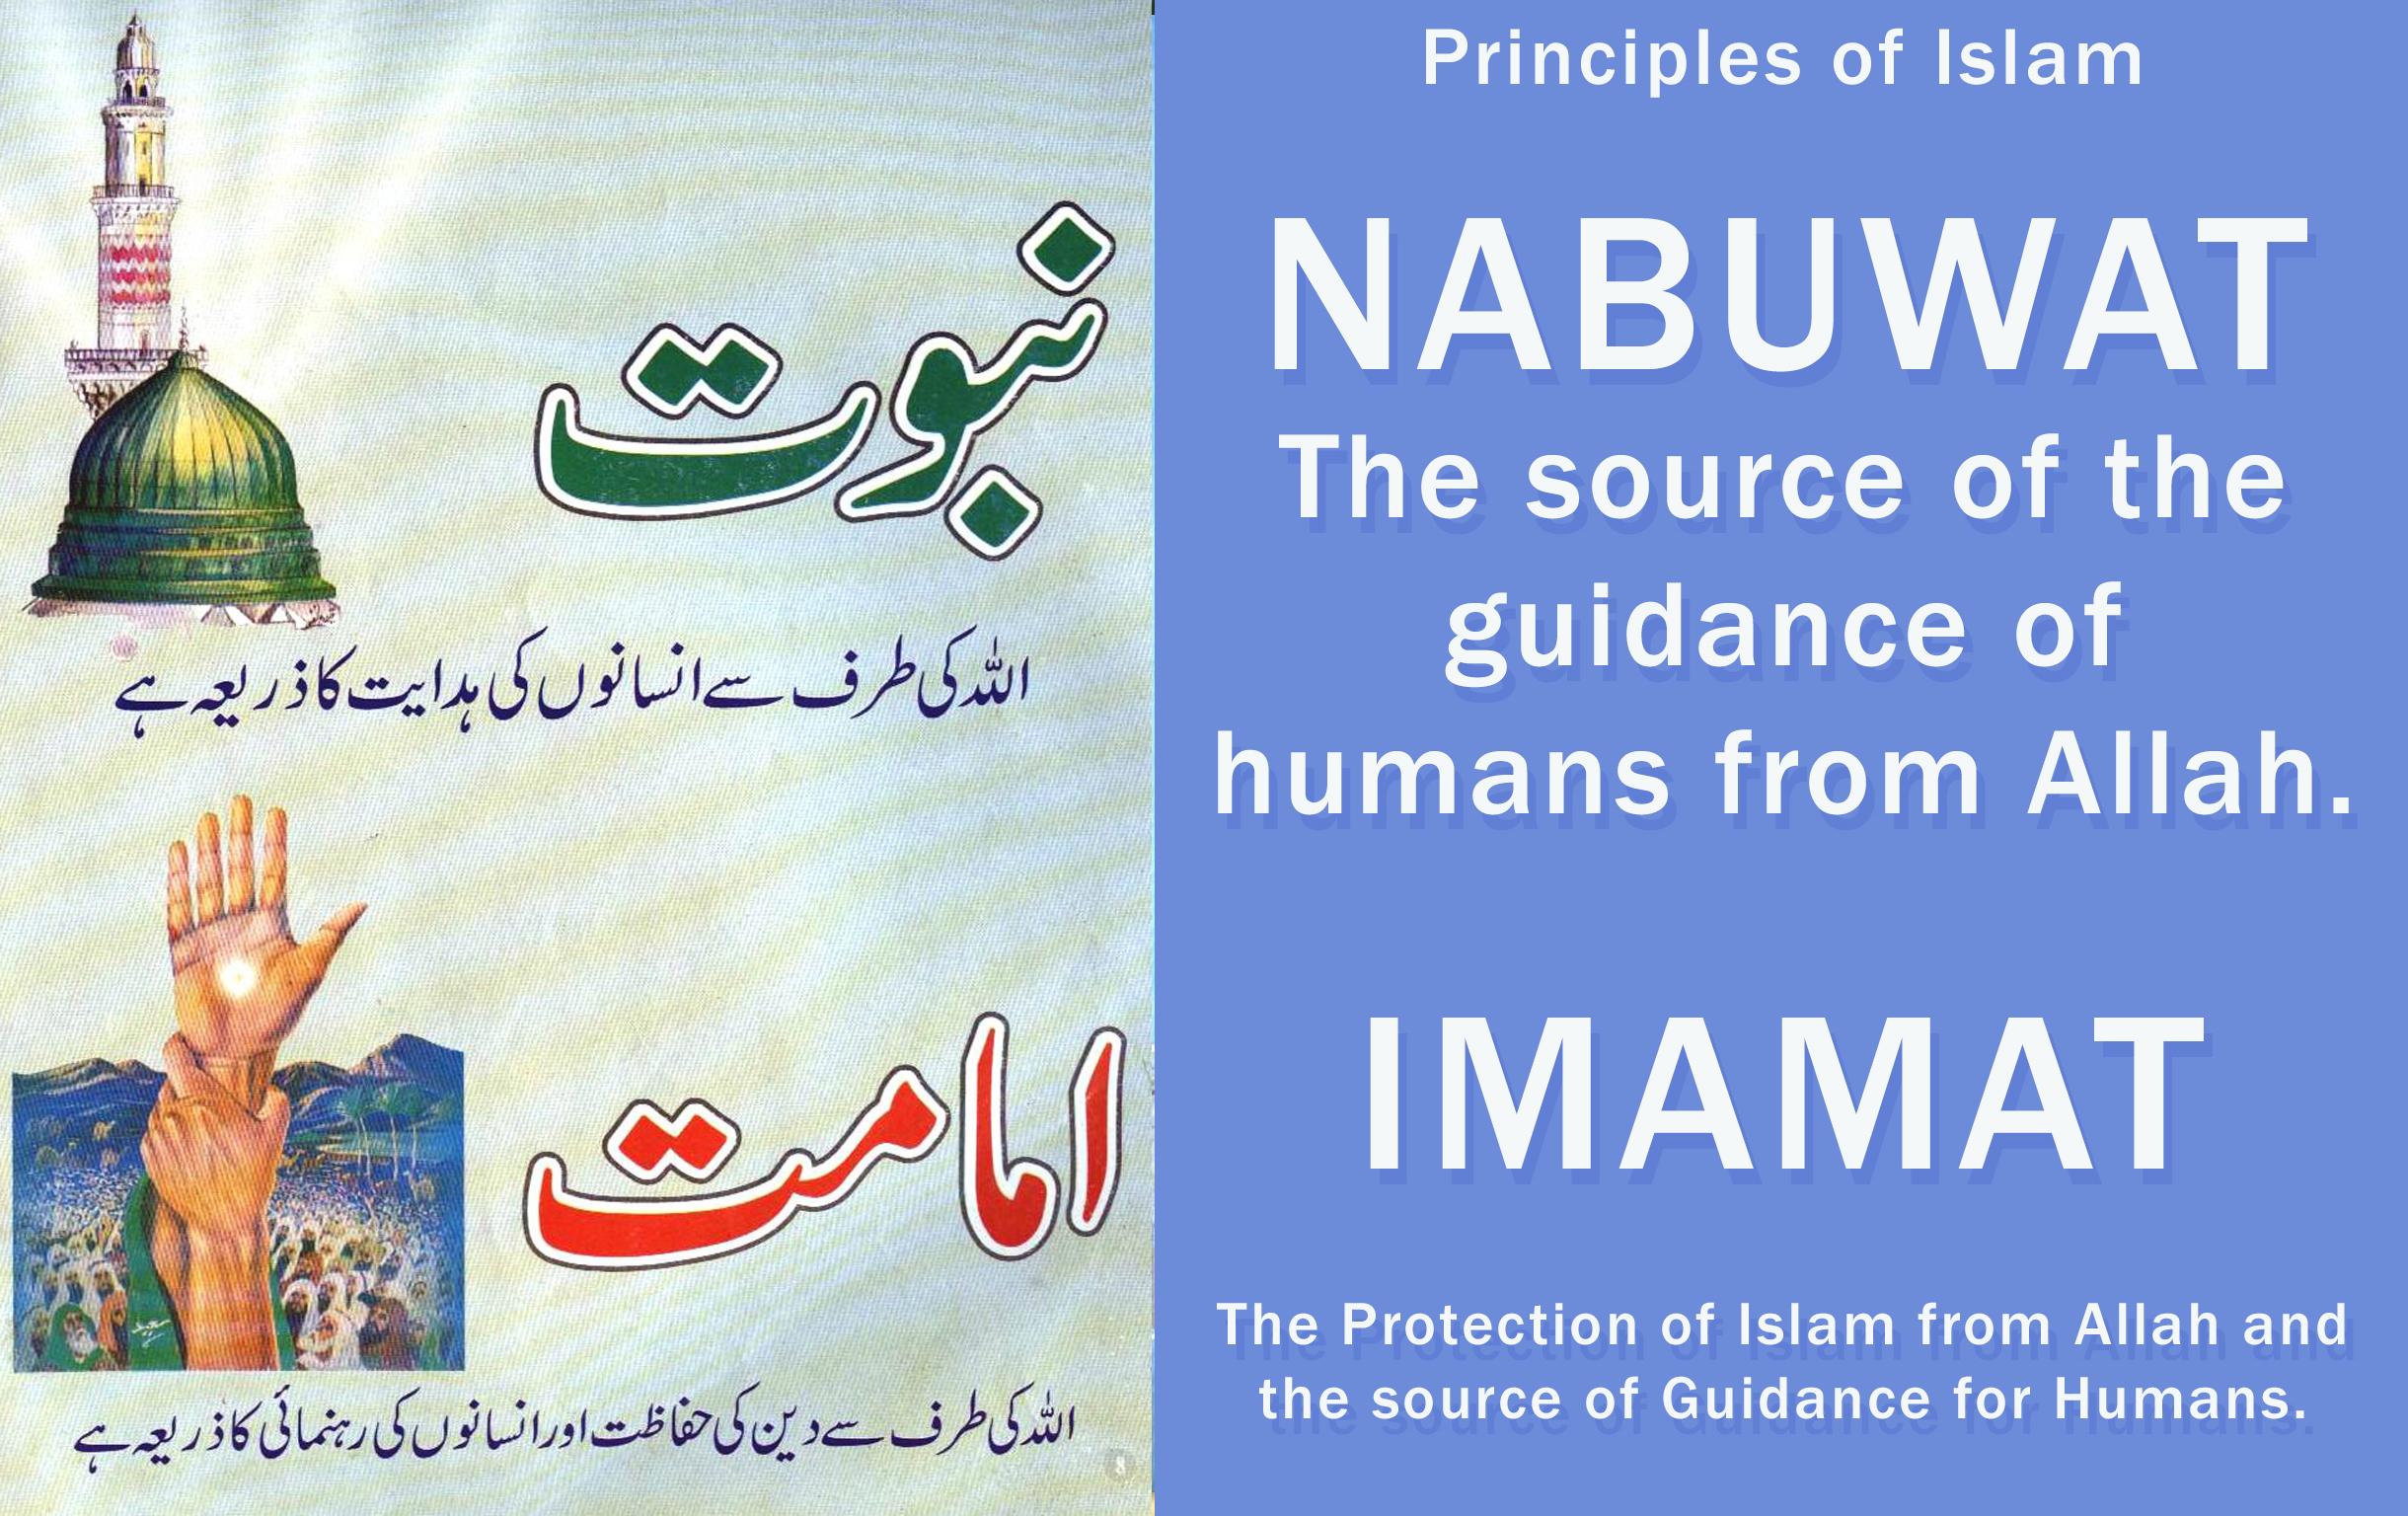 Nabuwat / Imamat